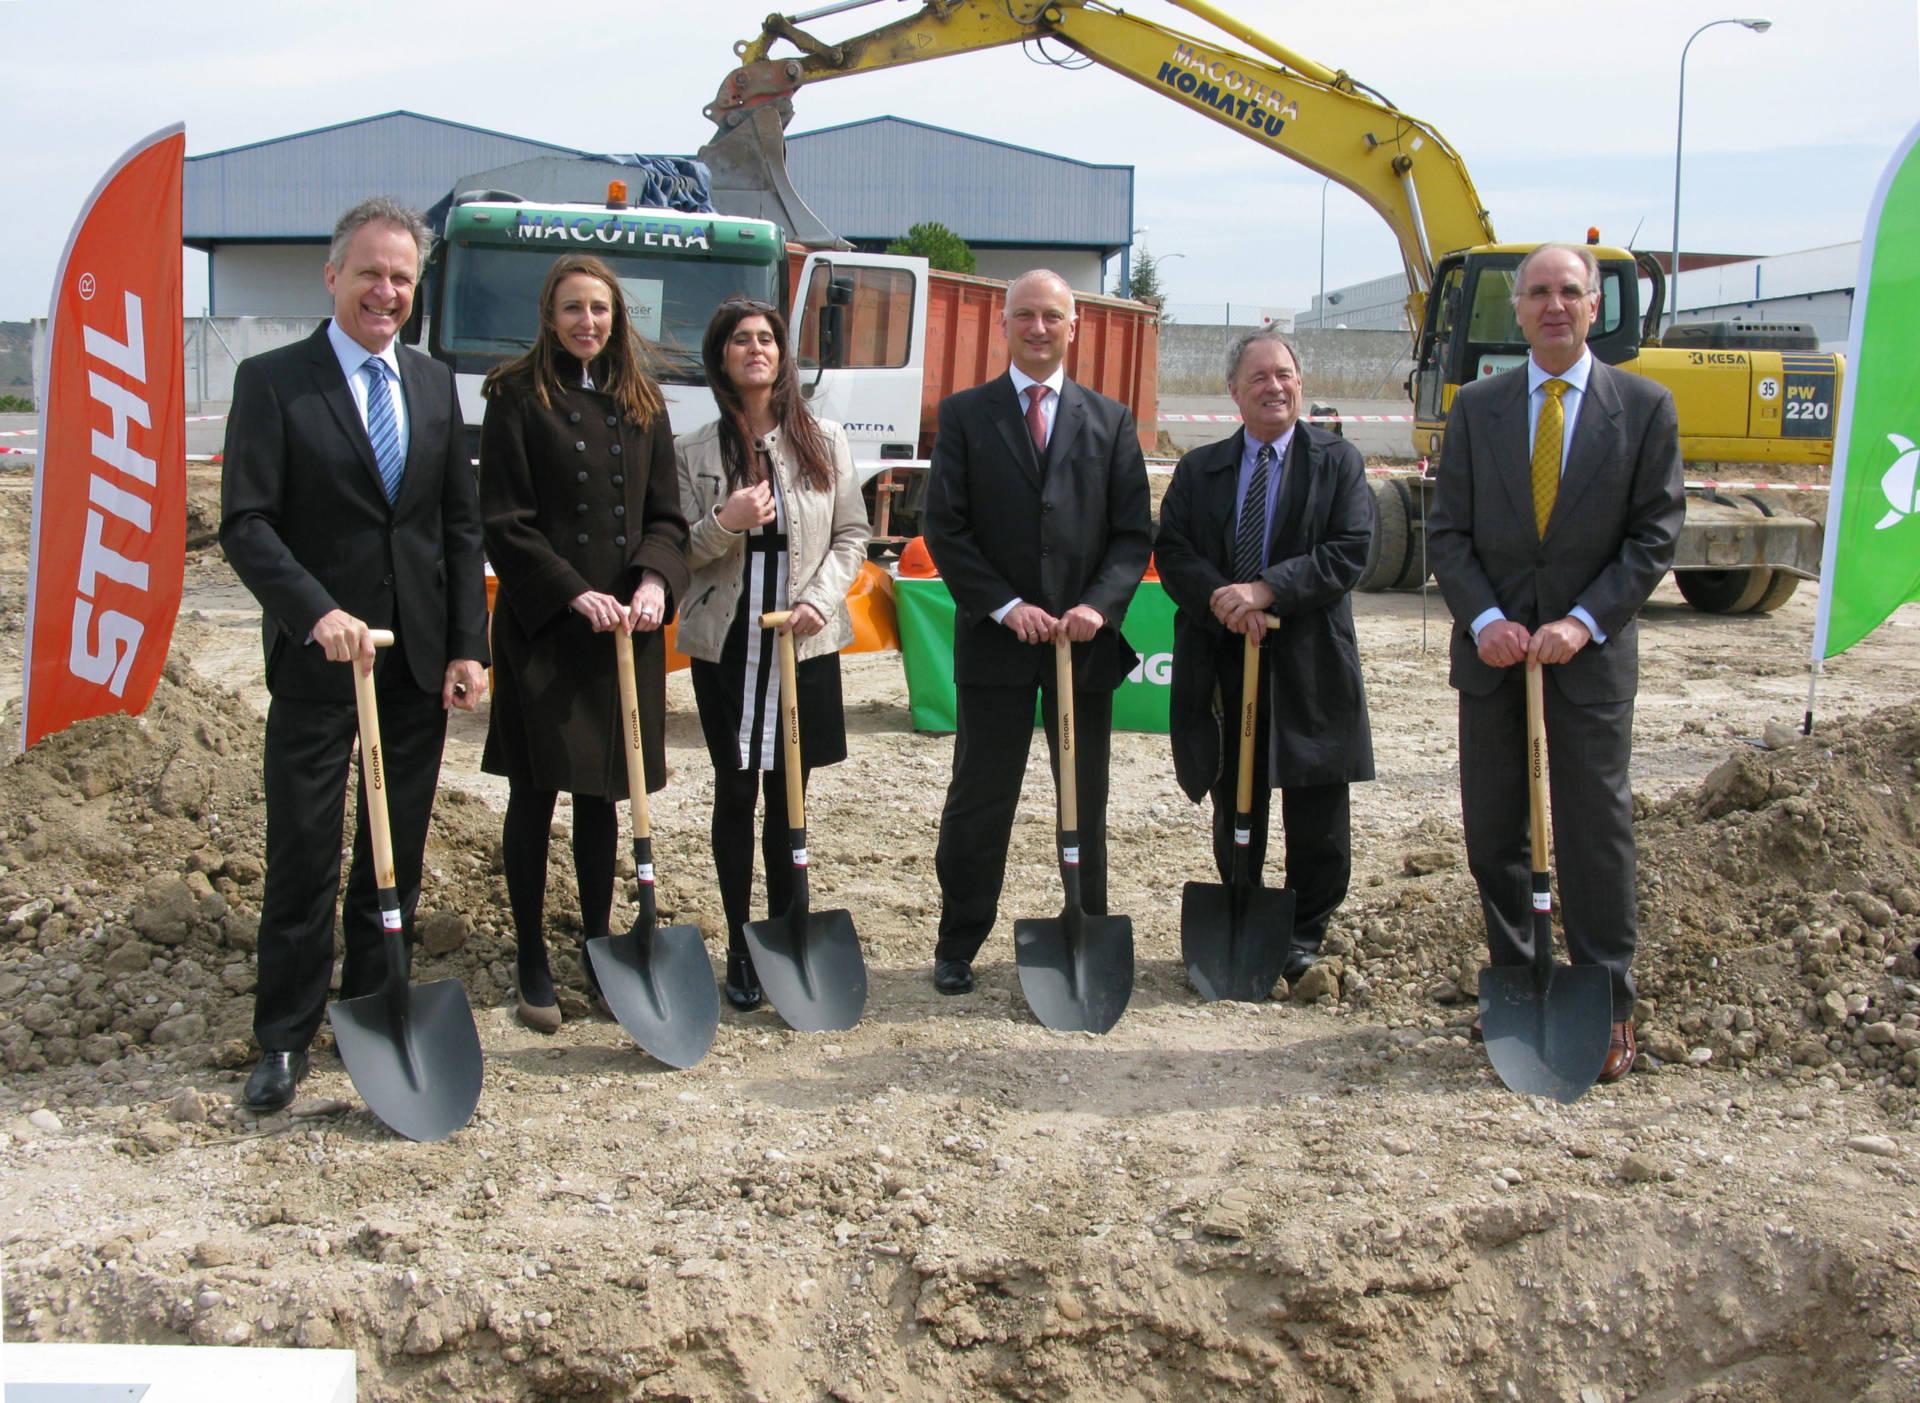 Nuevo centro de formación de Stihl: 3,5 millones de euros de inversión, más de 2.000 m² y 4.000 alumnos al año